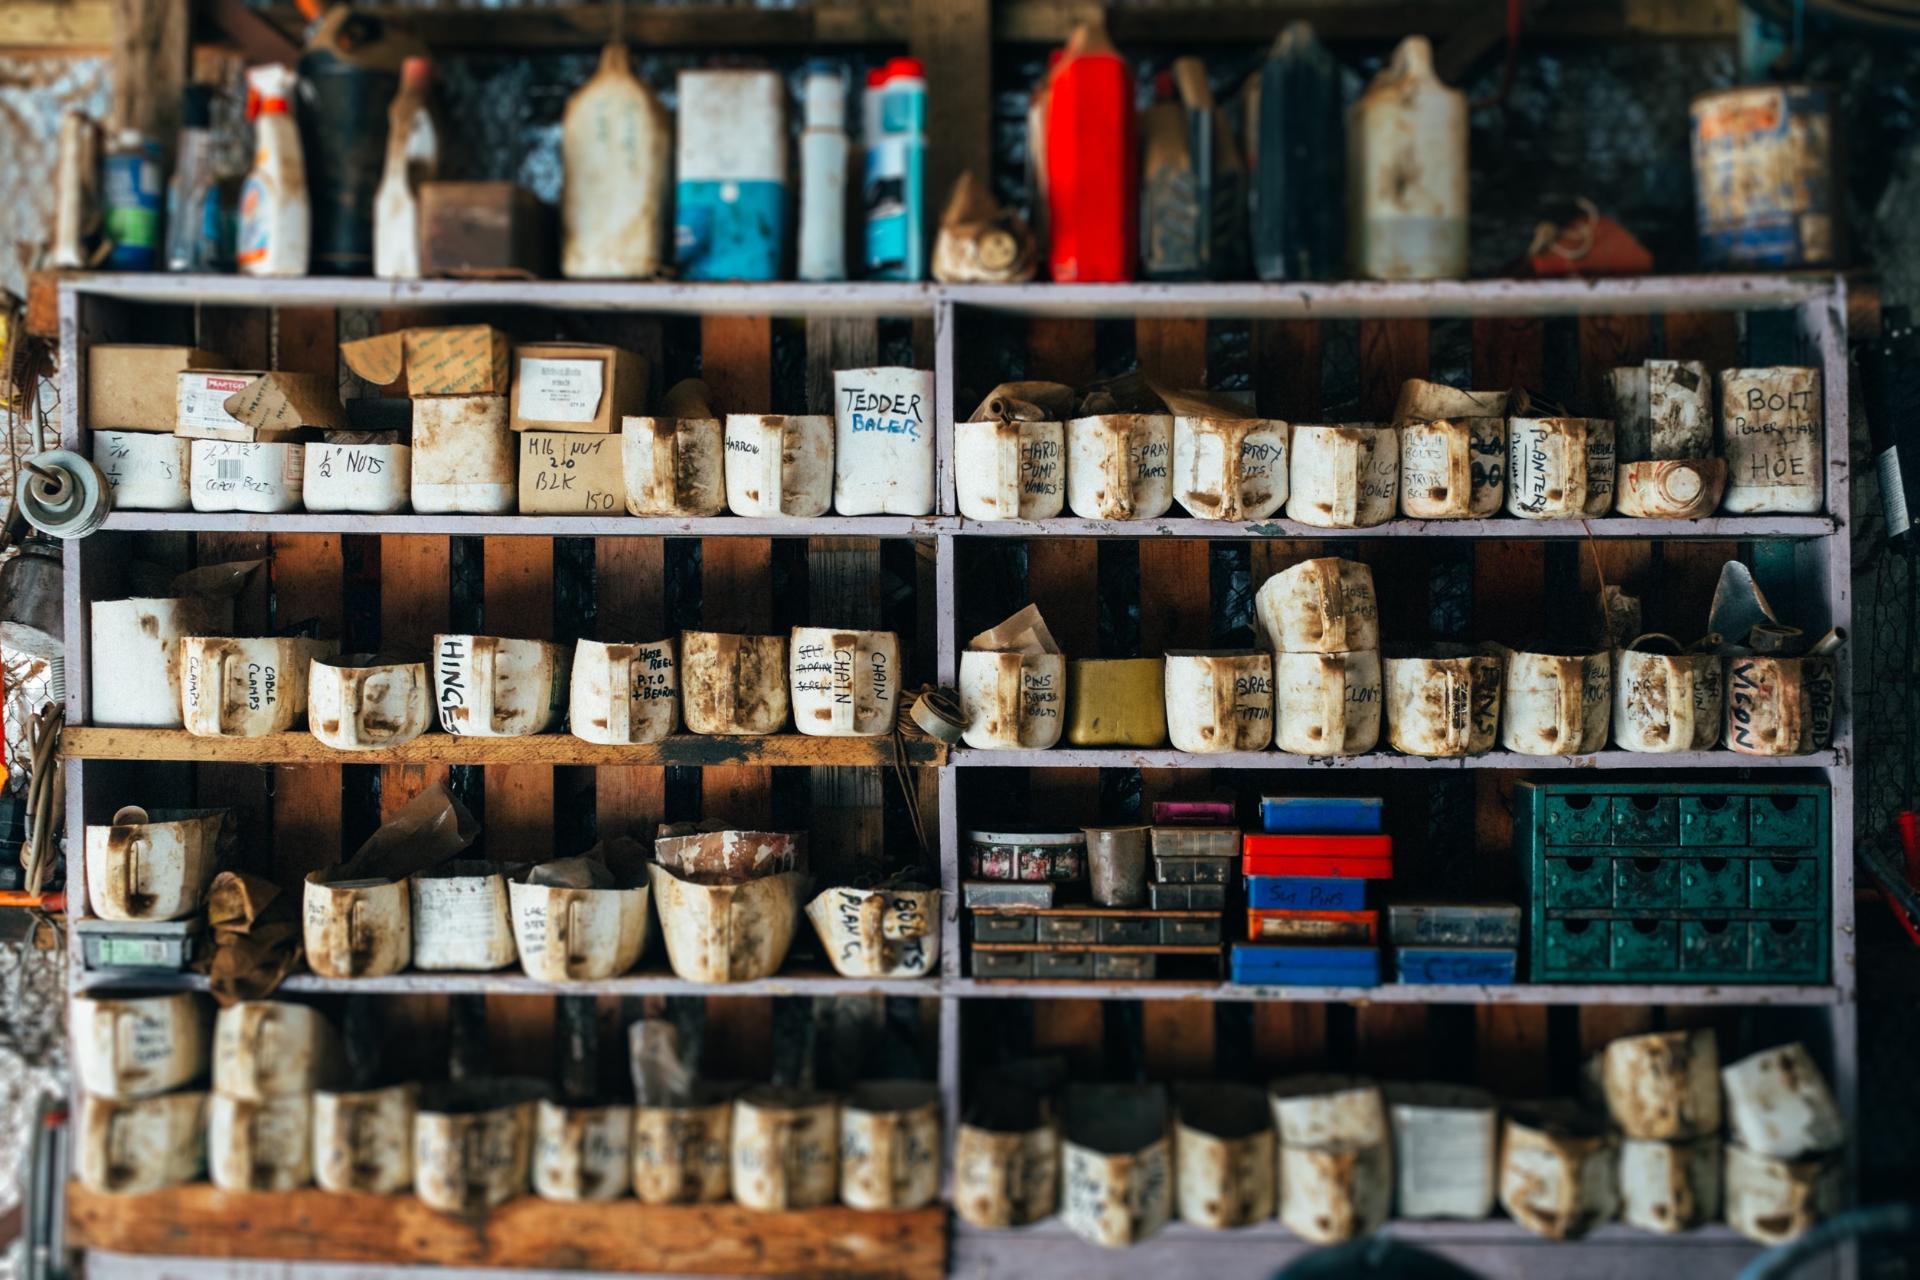 Best Shelves for Garage